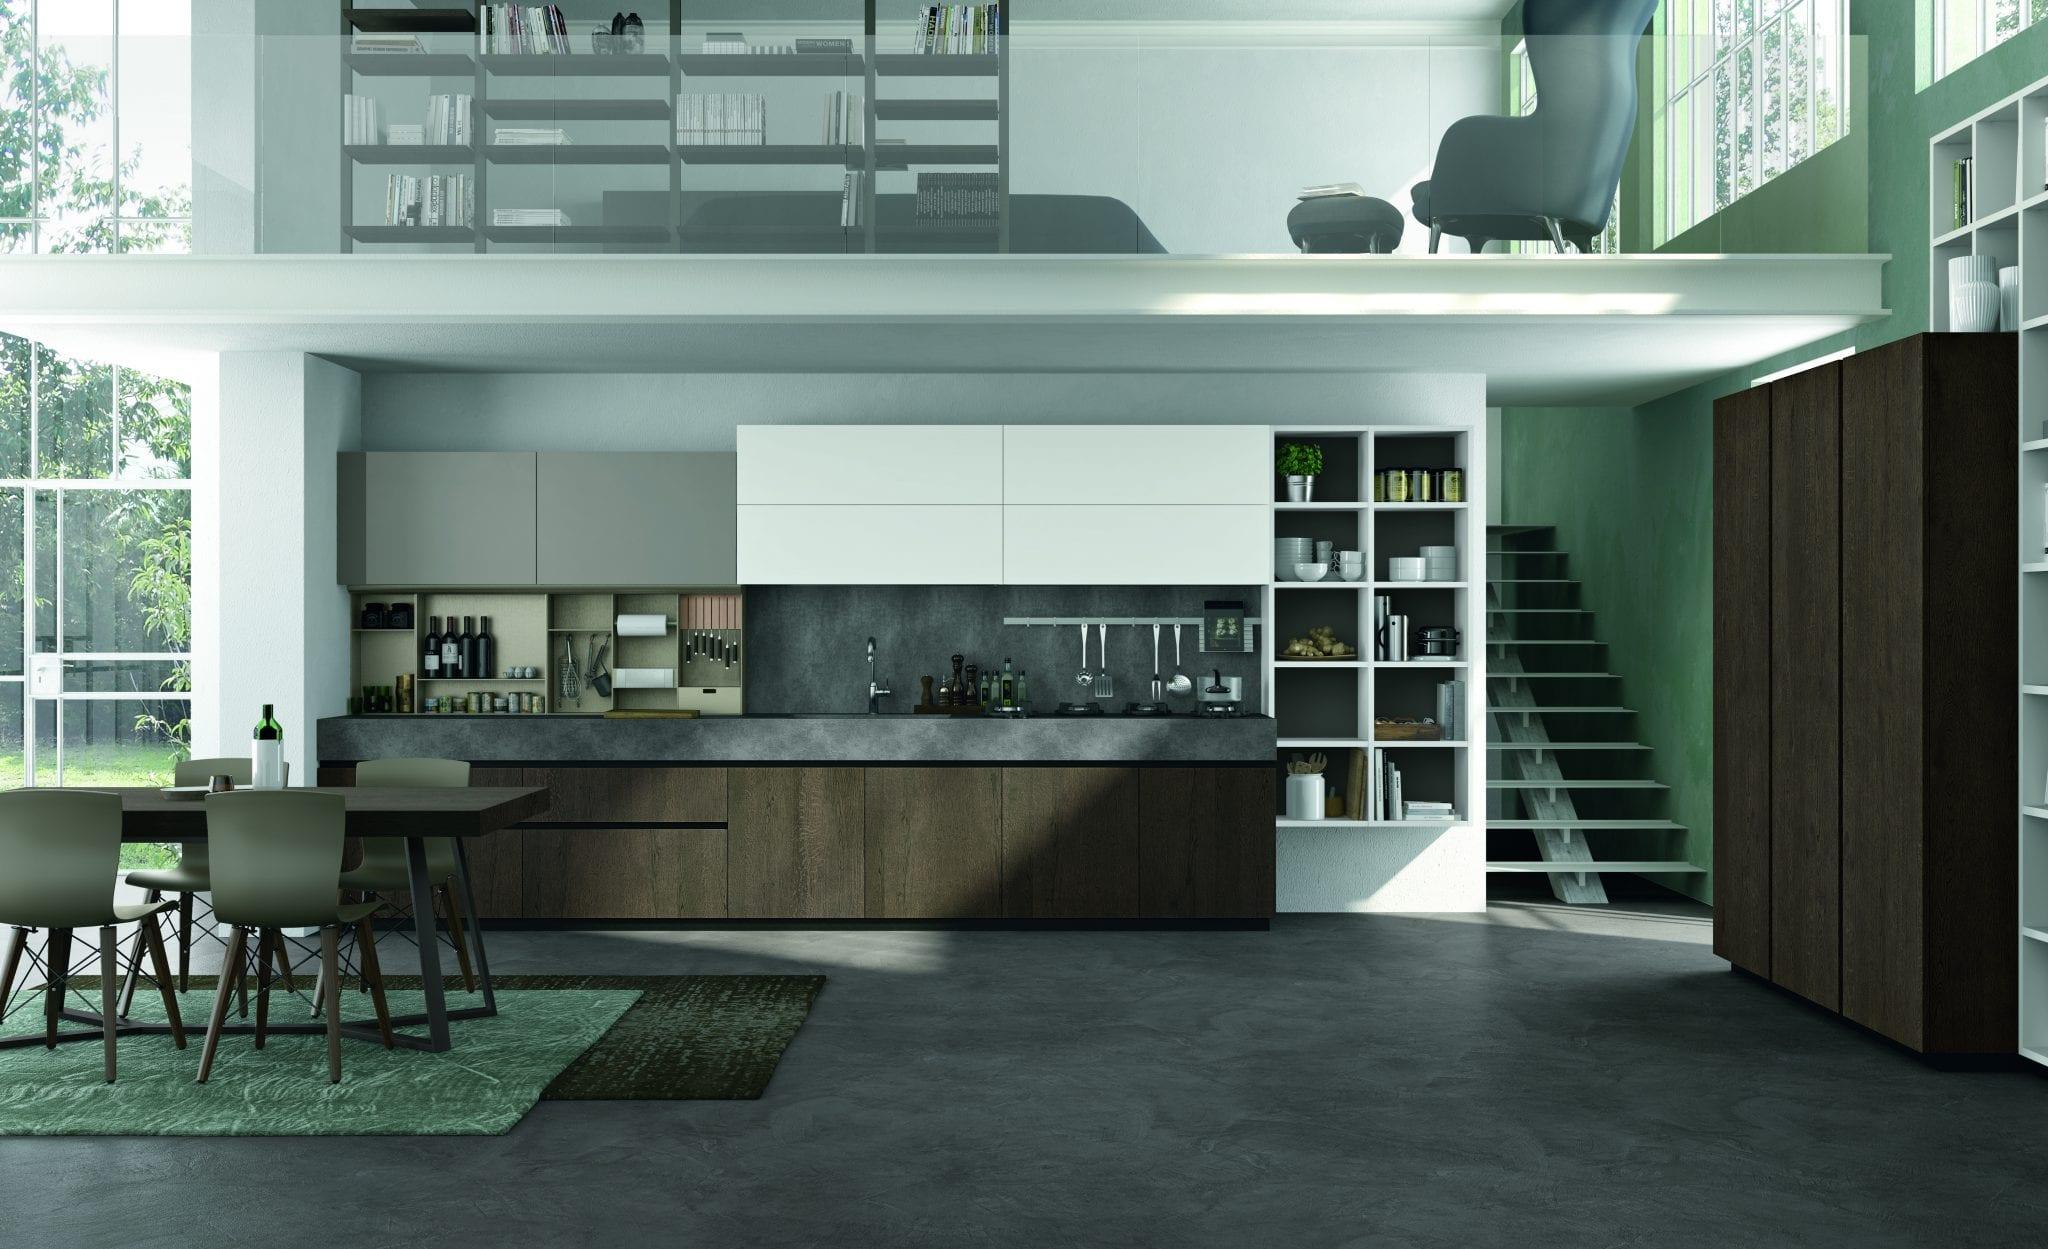 Cucina oltre raimondi idee casa - Cucina oltre lube ...